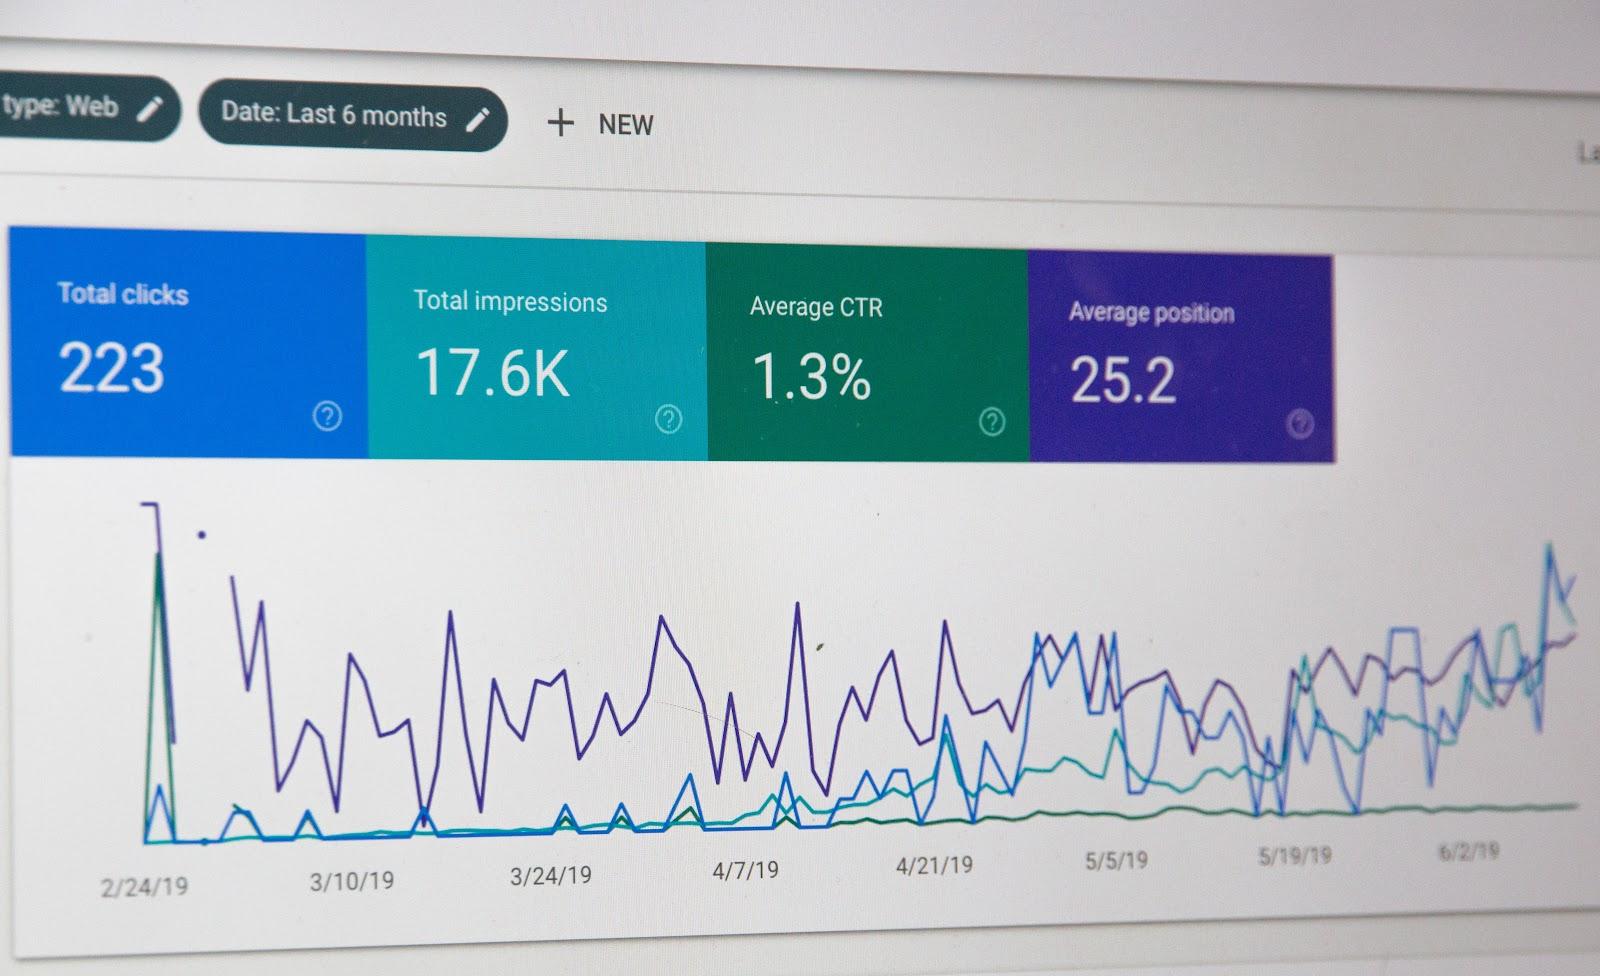 Página do Google Ads, importante ferramenta de SEO, que mostra 3 gráficos de linha.